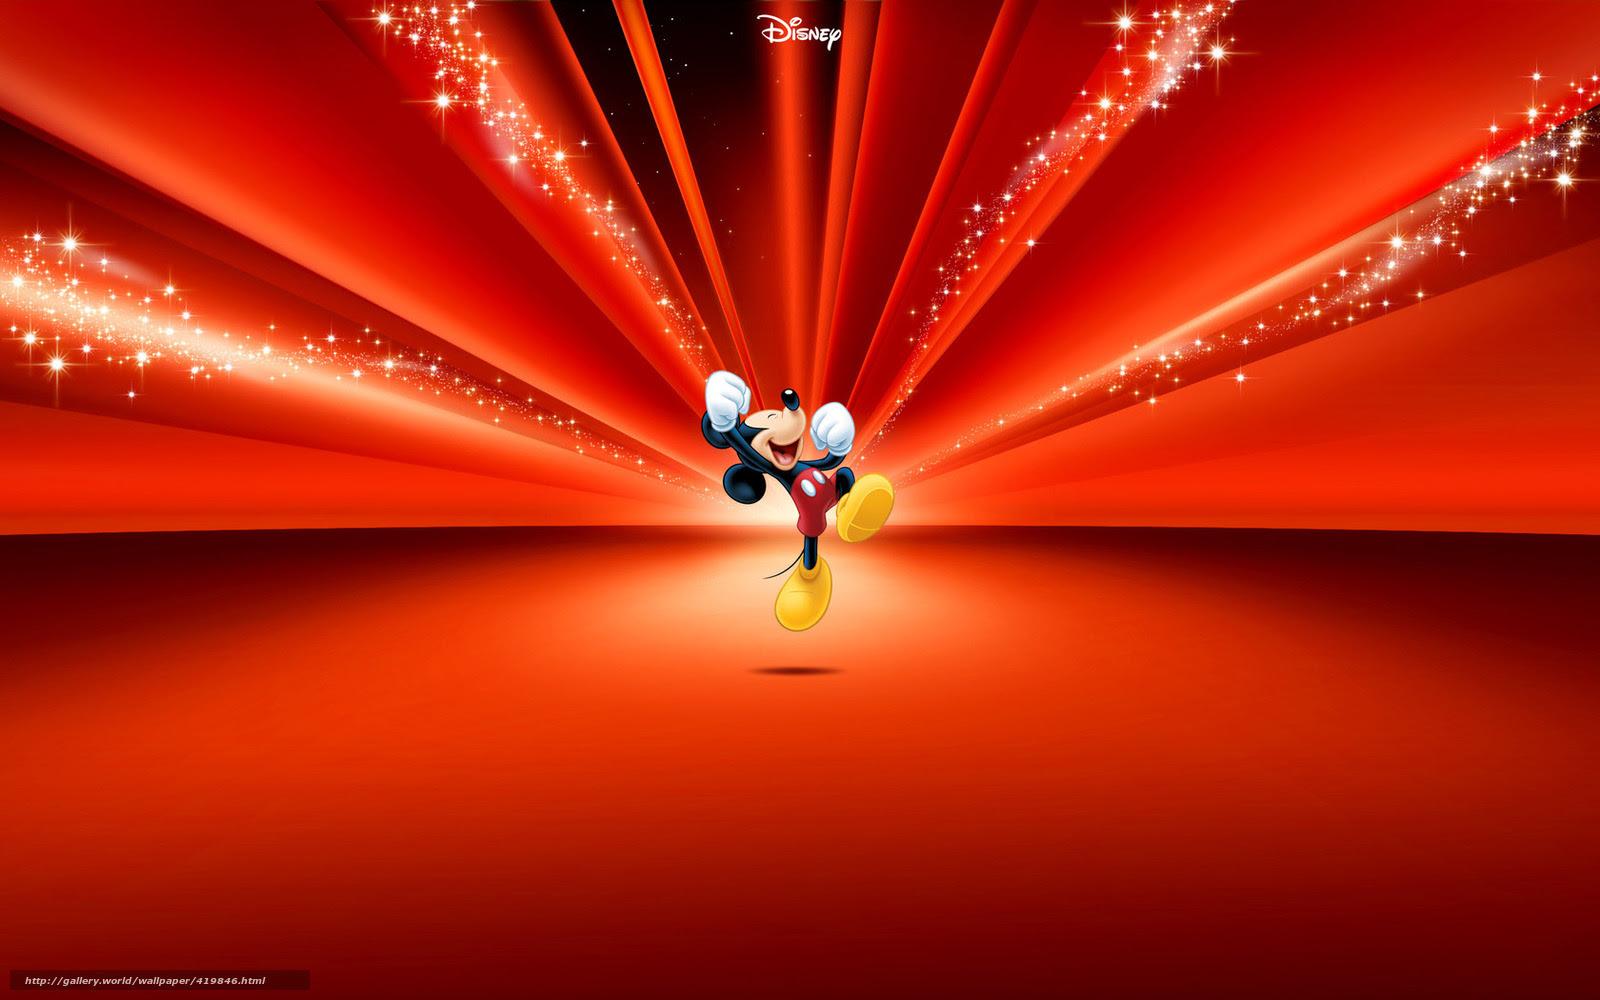 壁紙をダウンロード アニメーション ミッキーマウス デスクトップの